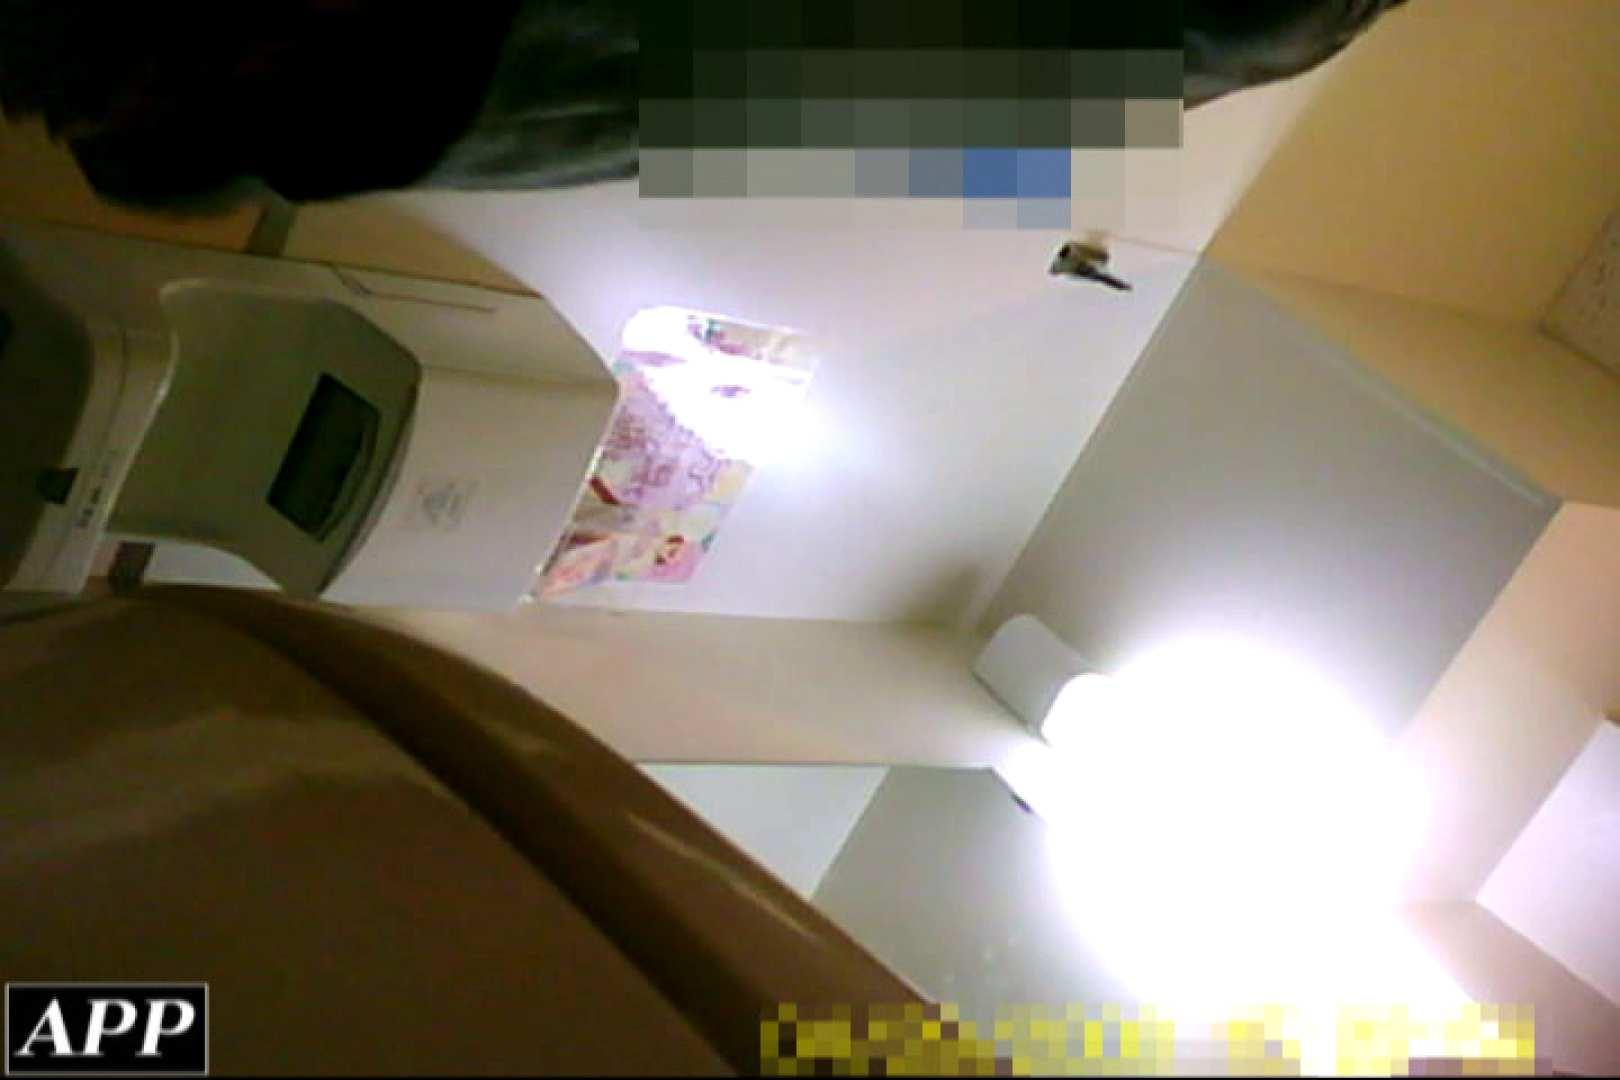 3視点洗面所 vol.38 オマンコ特集 おまんこ動画流出 104pic 62